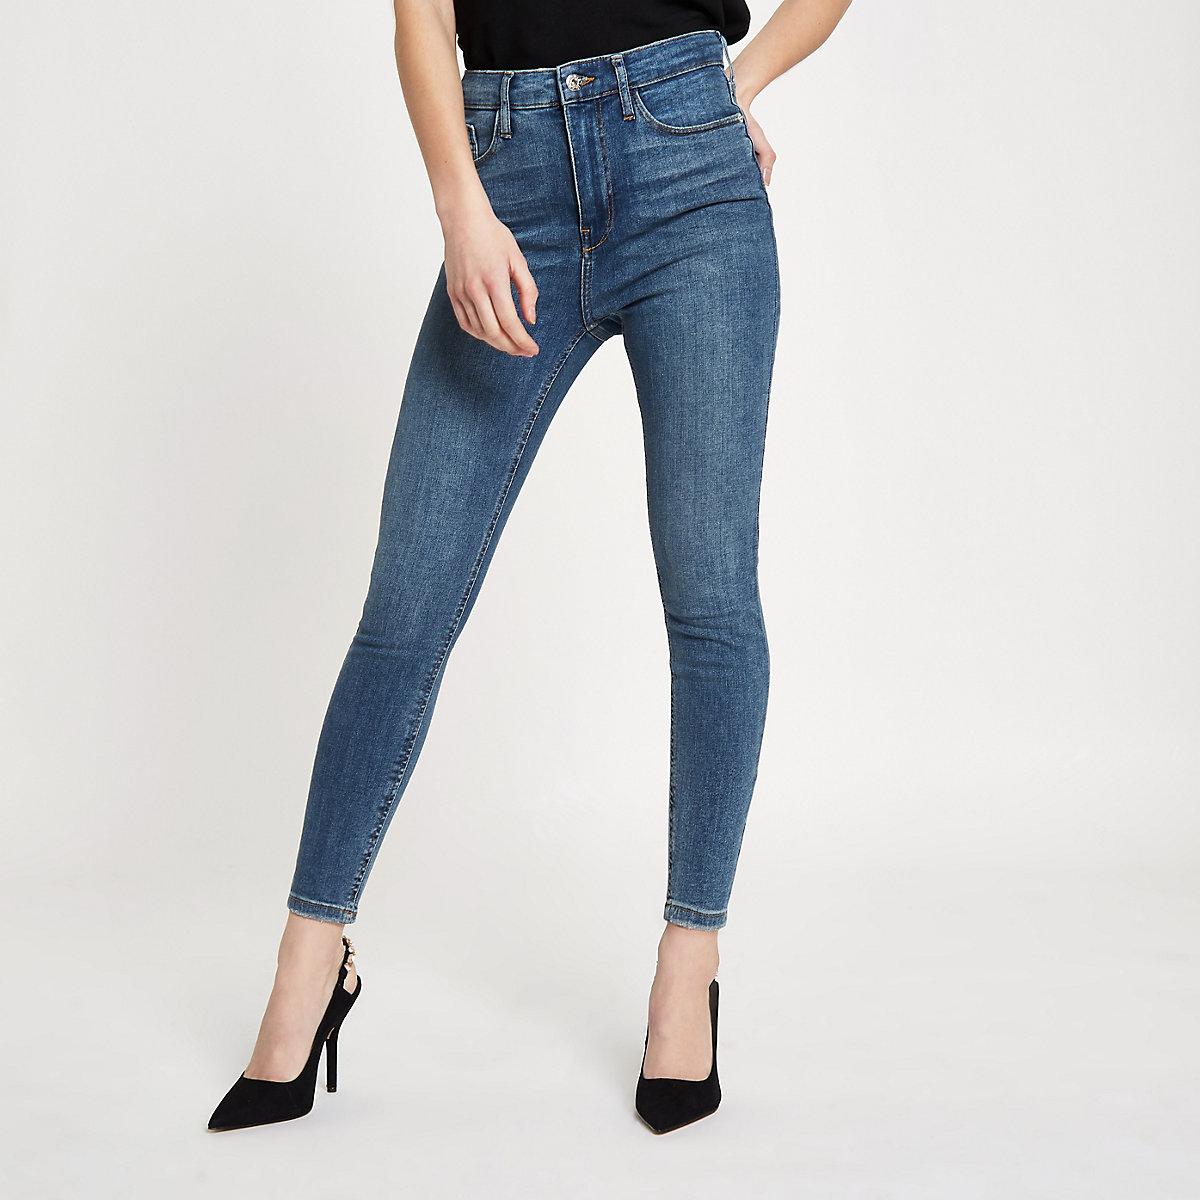 9bf3a8d6a8ece Petite – Harper – Jean skinny bleu mi-délavé taille haute - Jeans ...